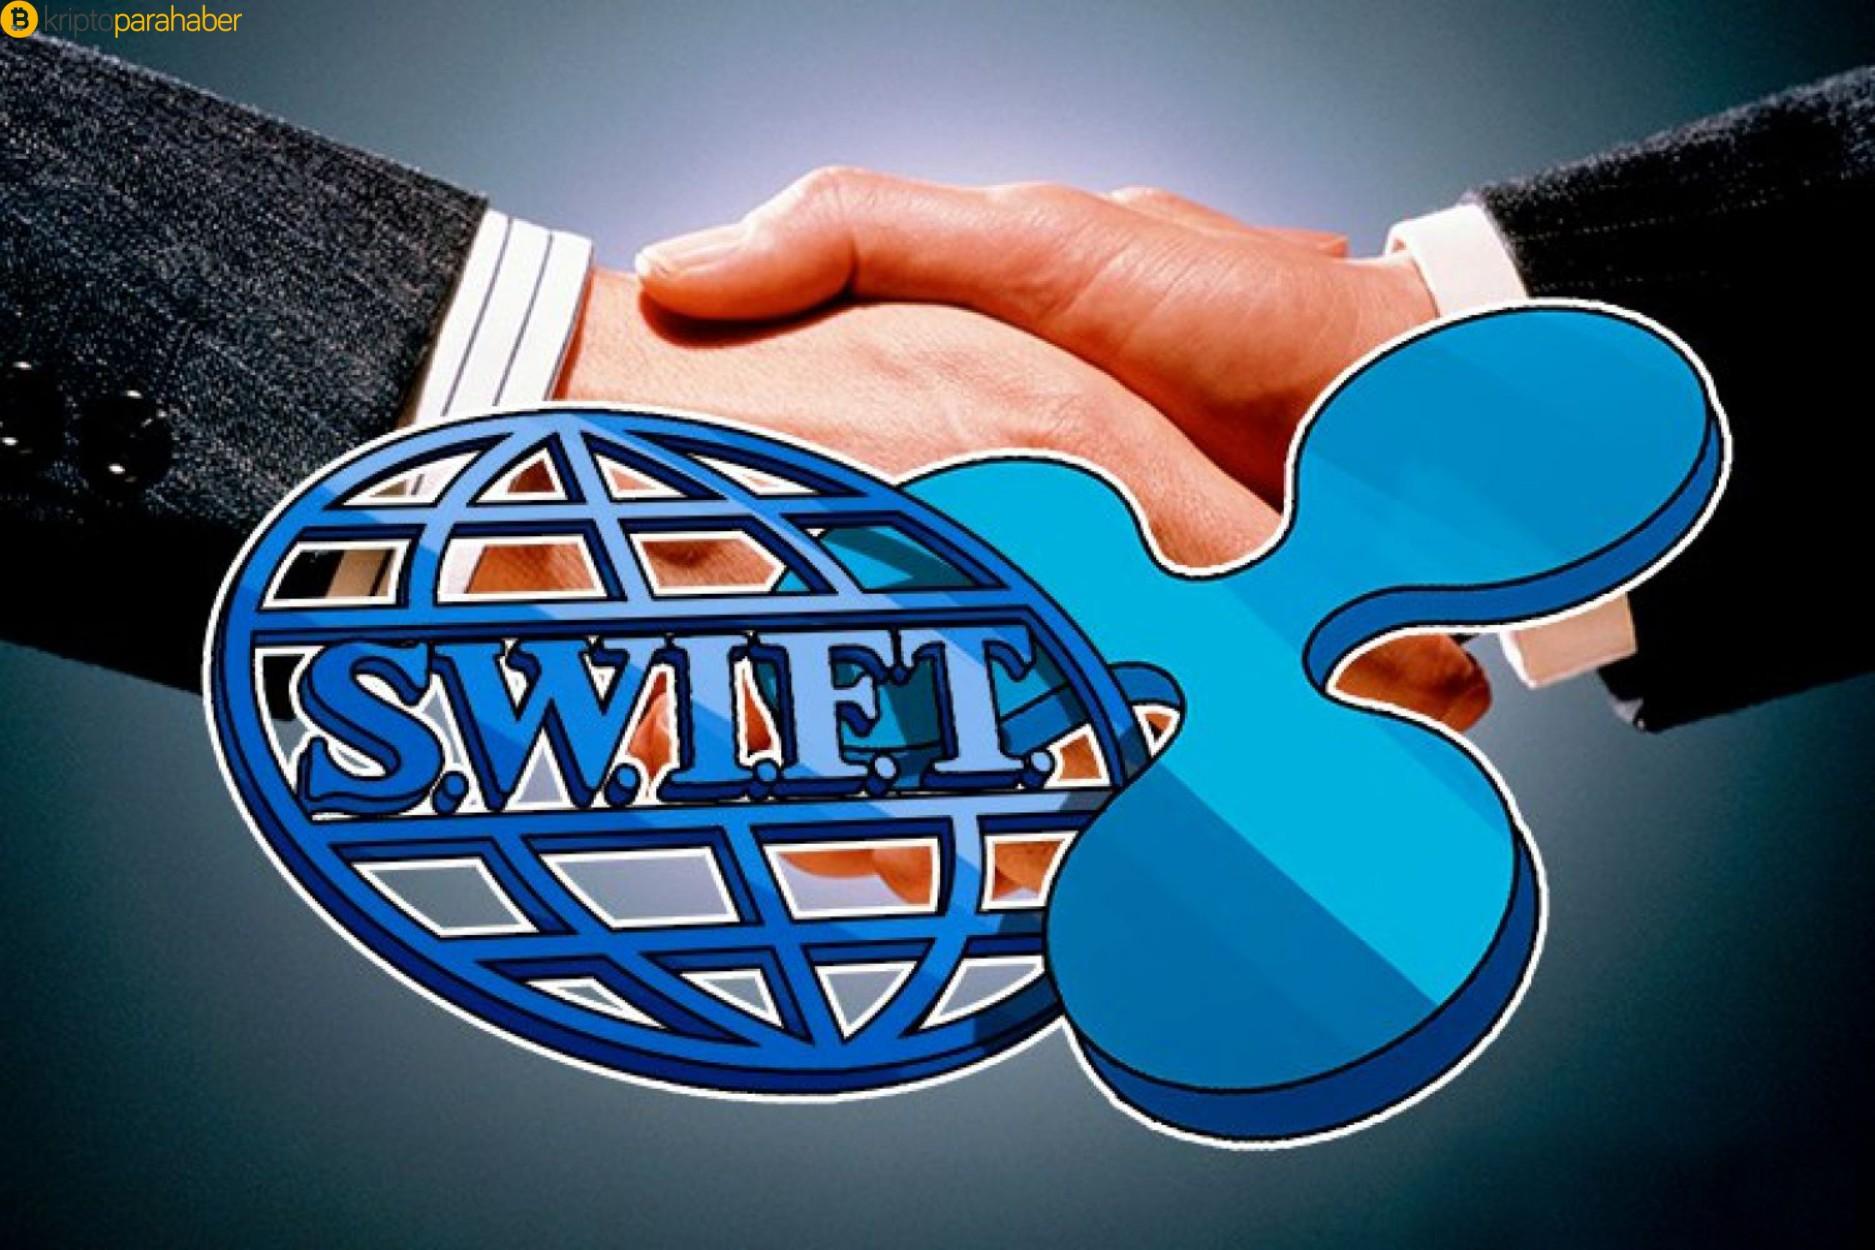 Garlinghouse, Ripple ve Swift ortaklığı söylentilerini değerlendirdi